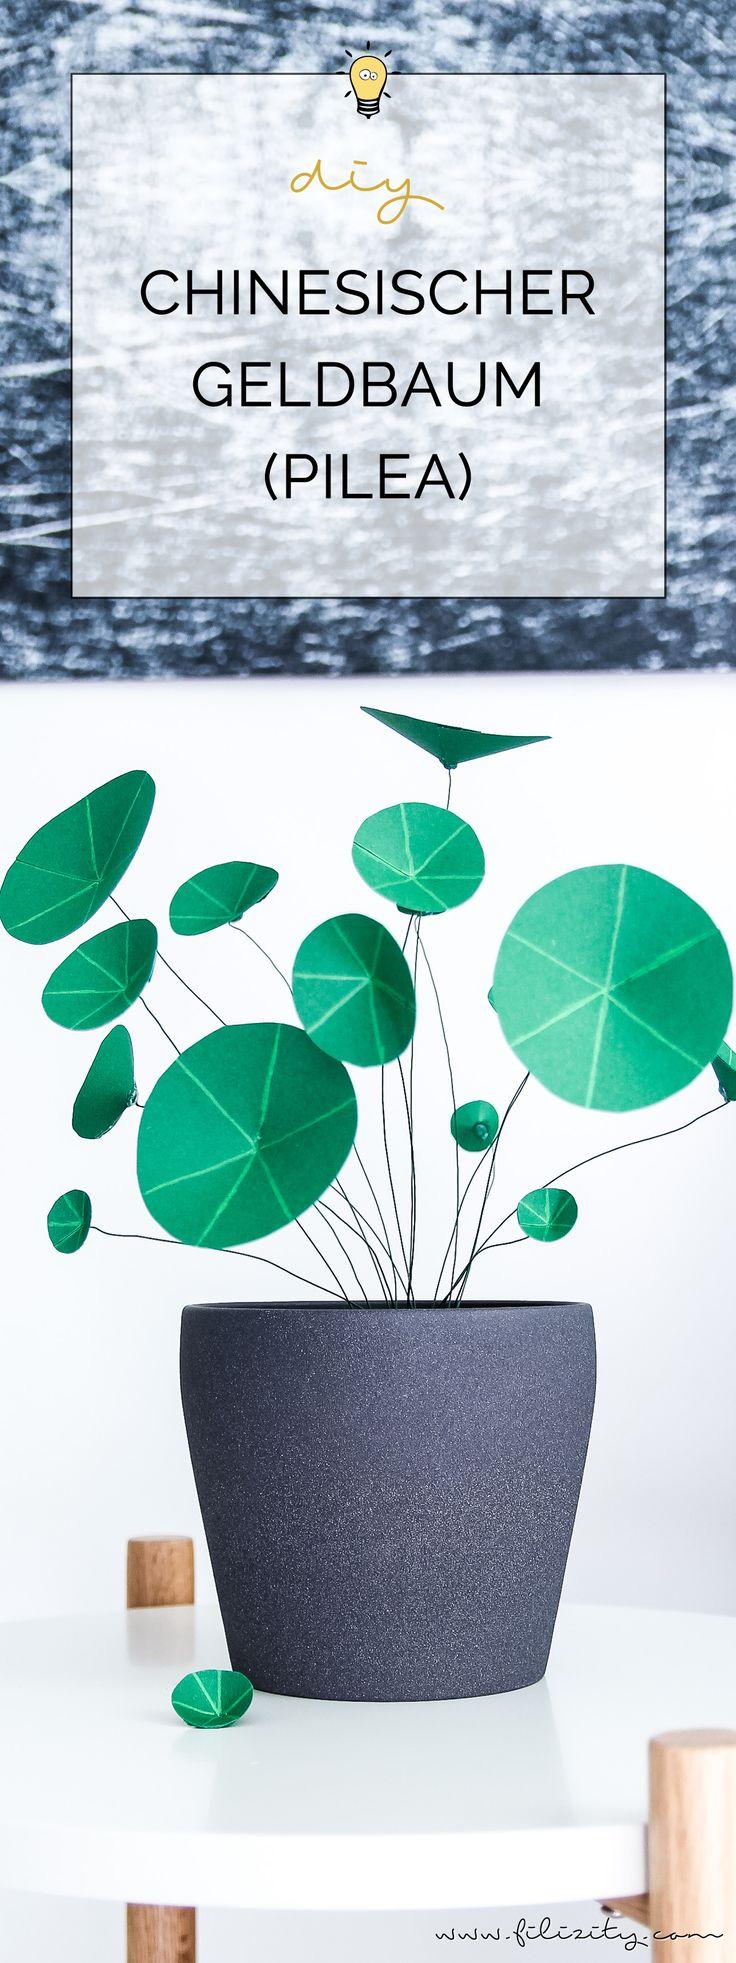 DIY Kunstpflanzen aus Papier: Chinesischer Geldbaum (Ufopflanze) selbermachen | Filizity.com | DIY-Blog aus dem Rheinland #pilea